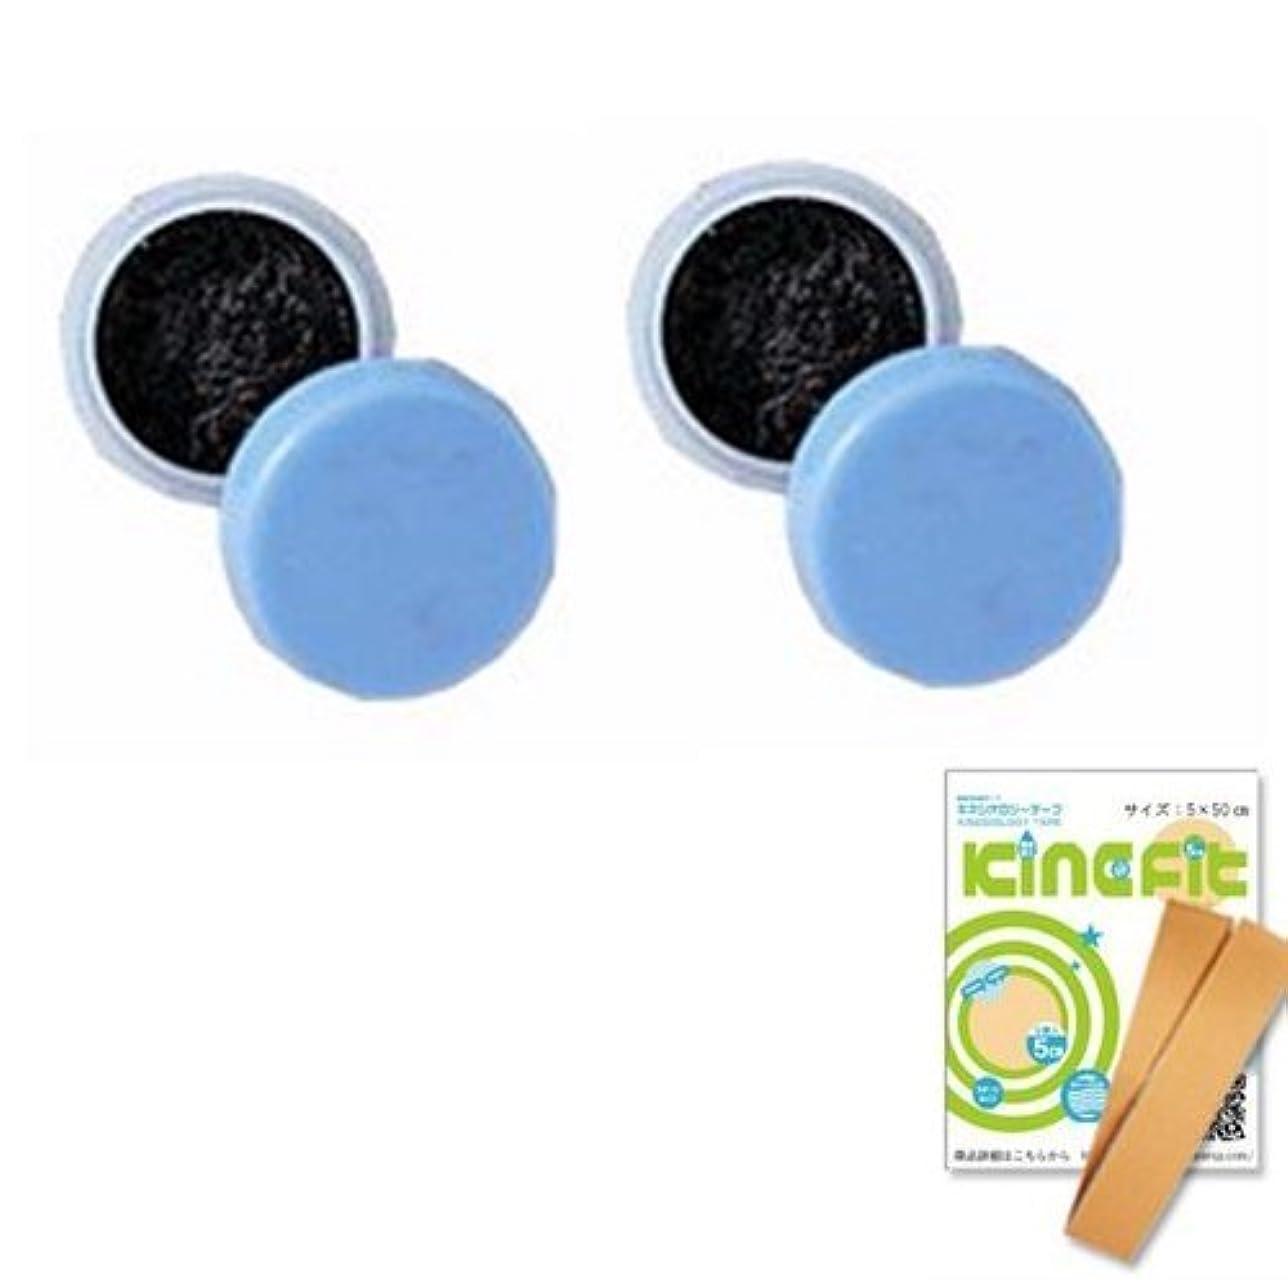 灸点スミ(SO-227)×2個セット + お試し用キネシオロジーテープ キネフィット50cm セット ※灸点棒は含まれません。